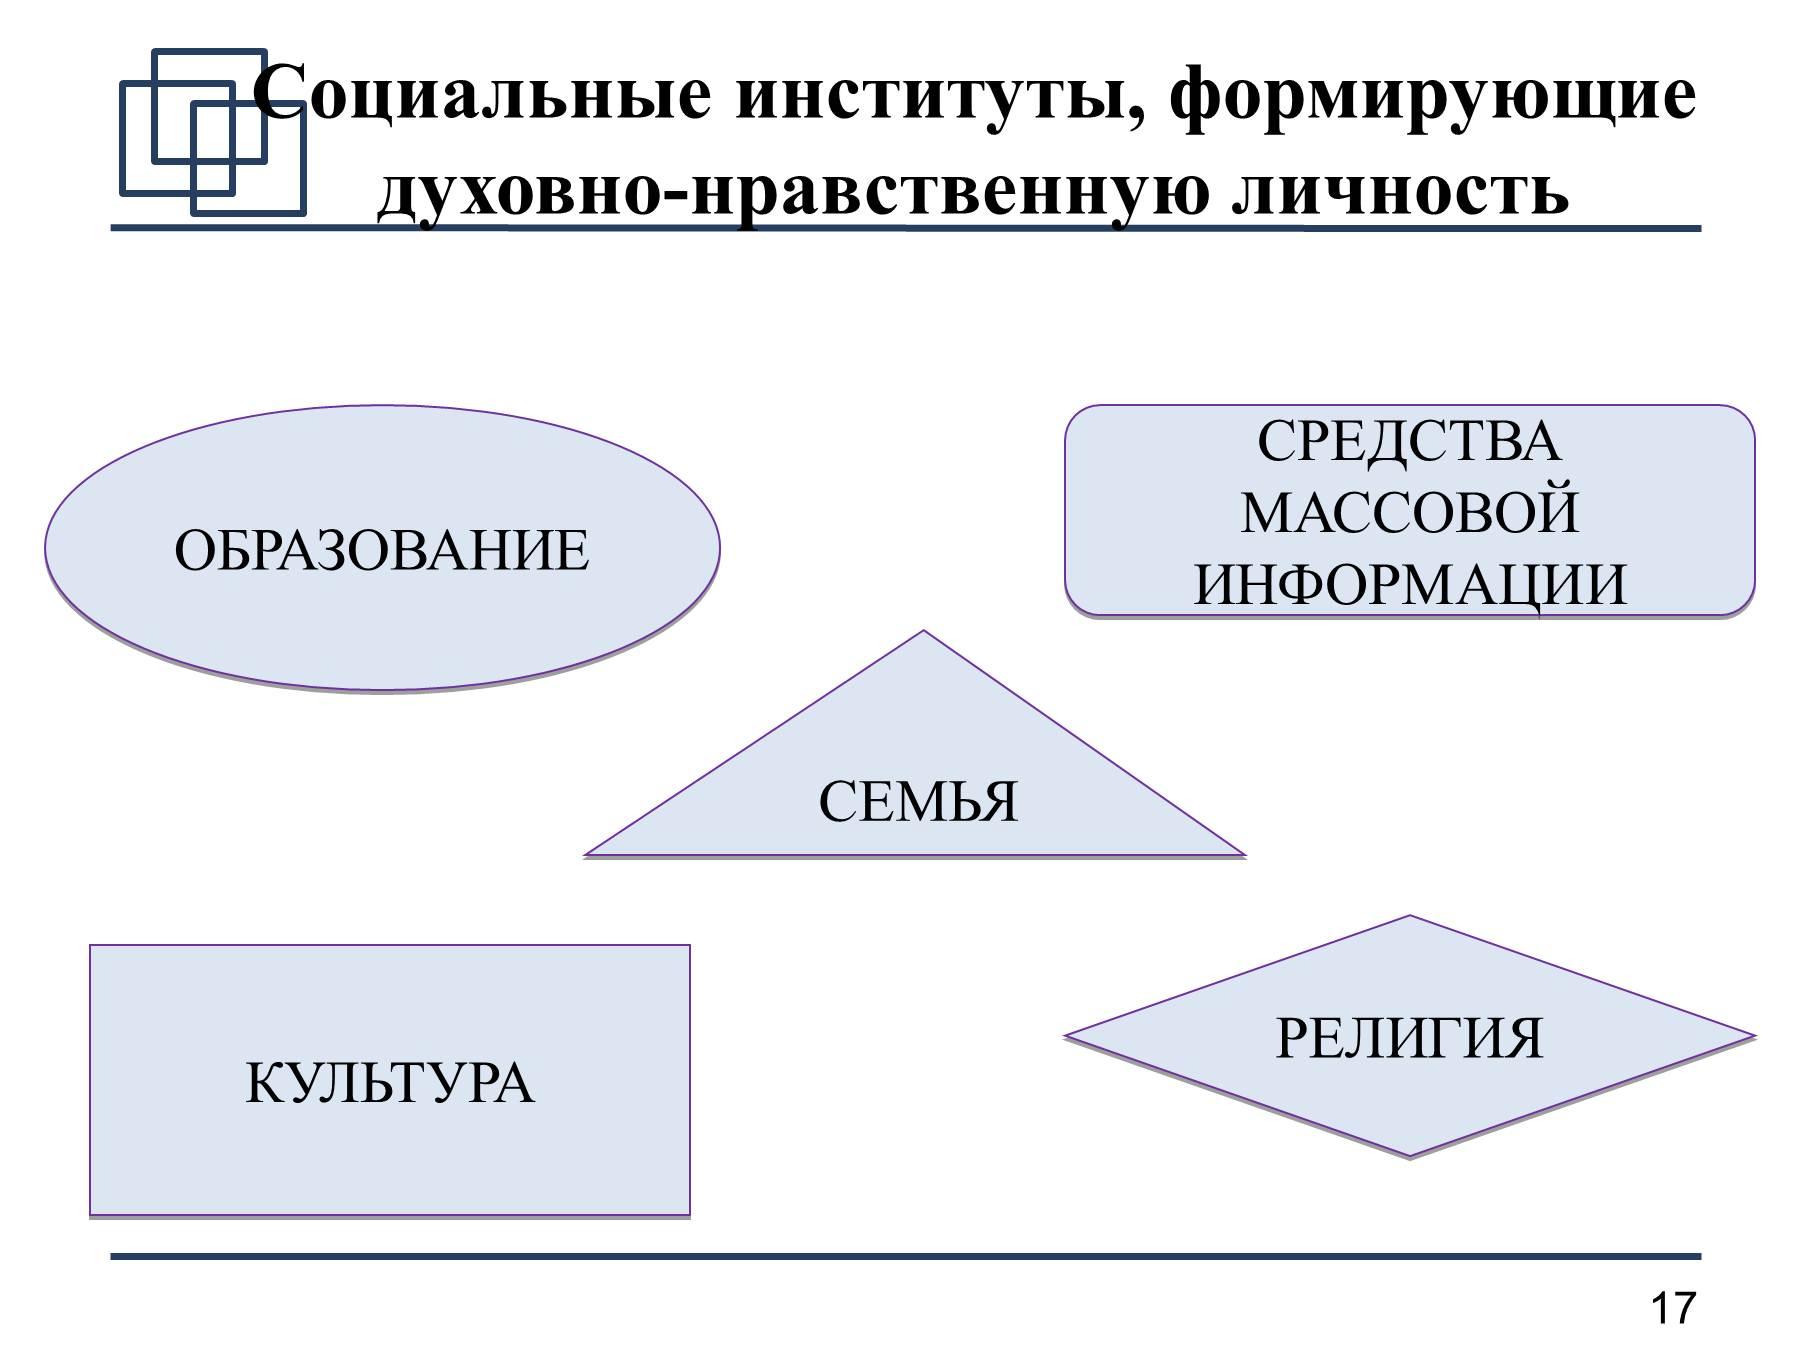 Схемы по проблемам личности